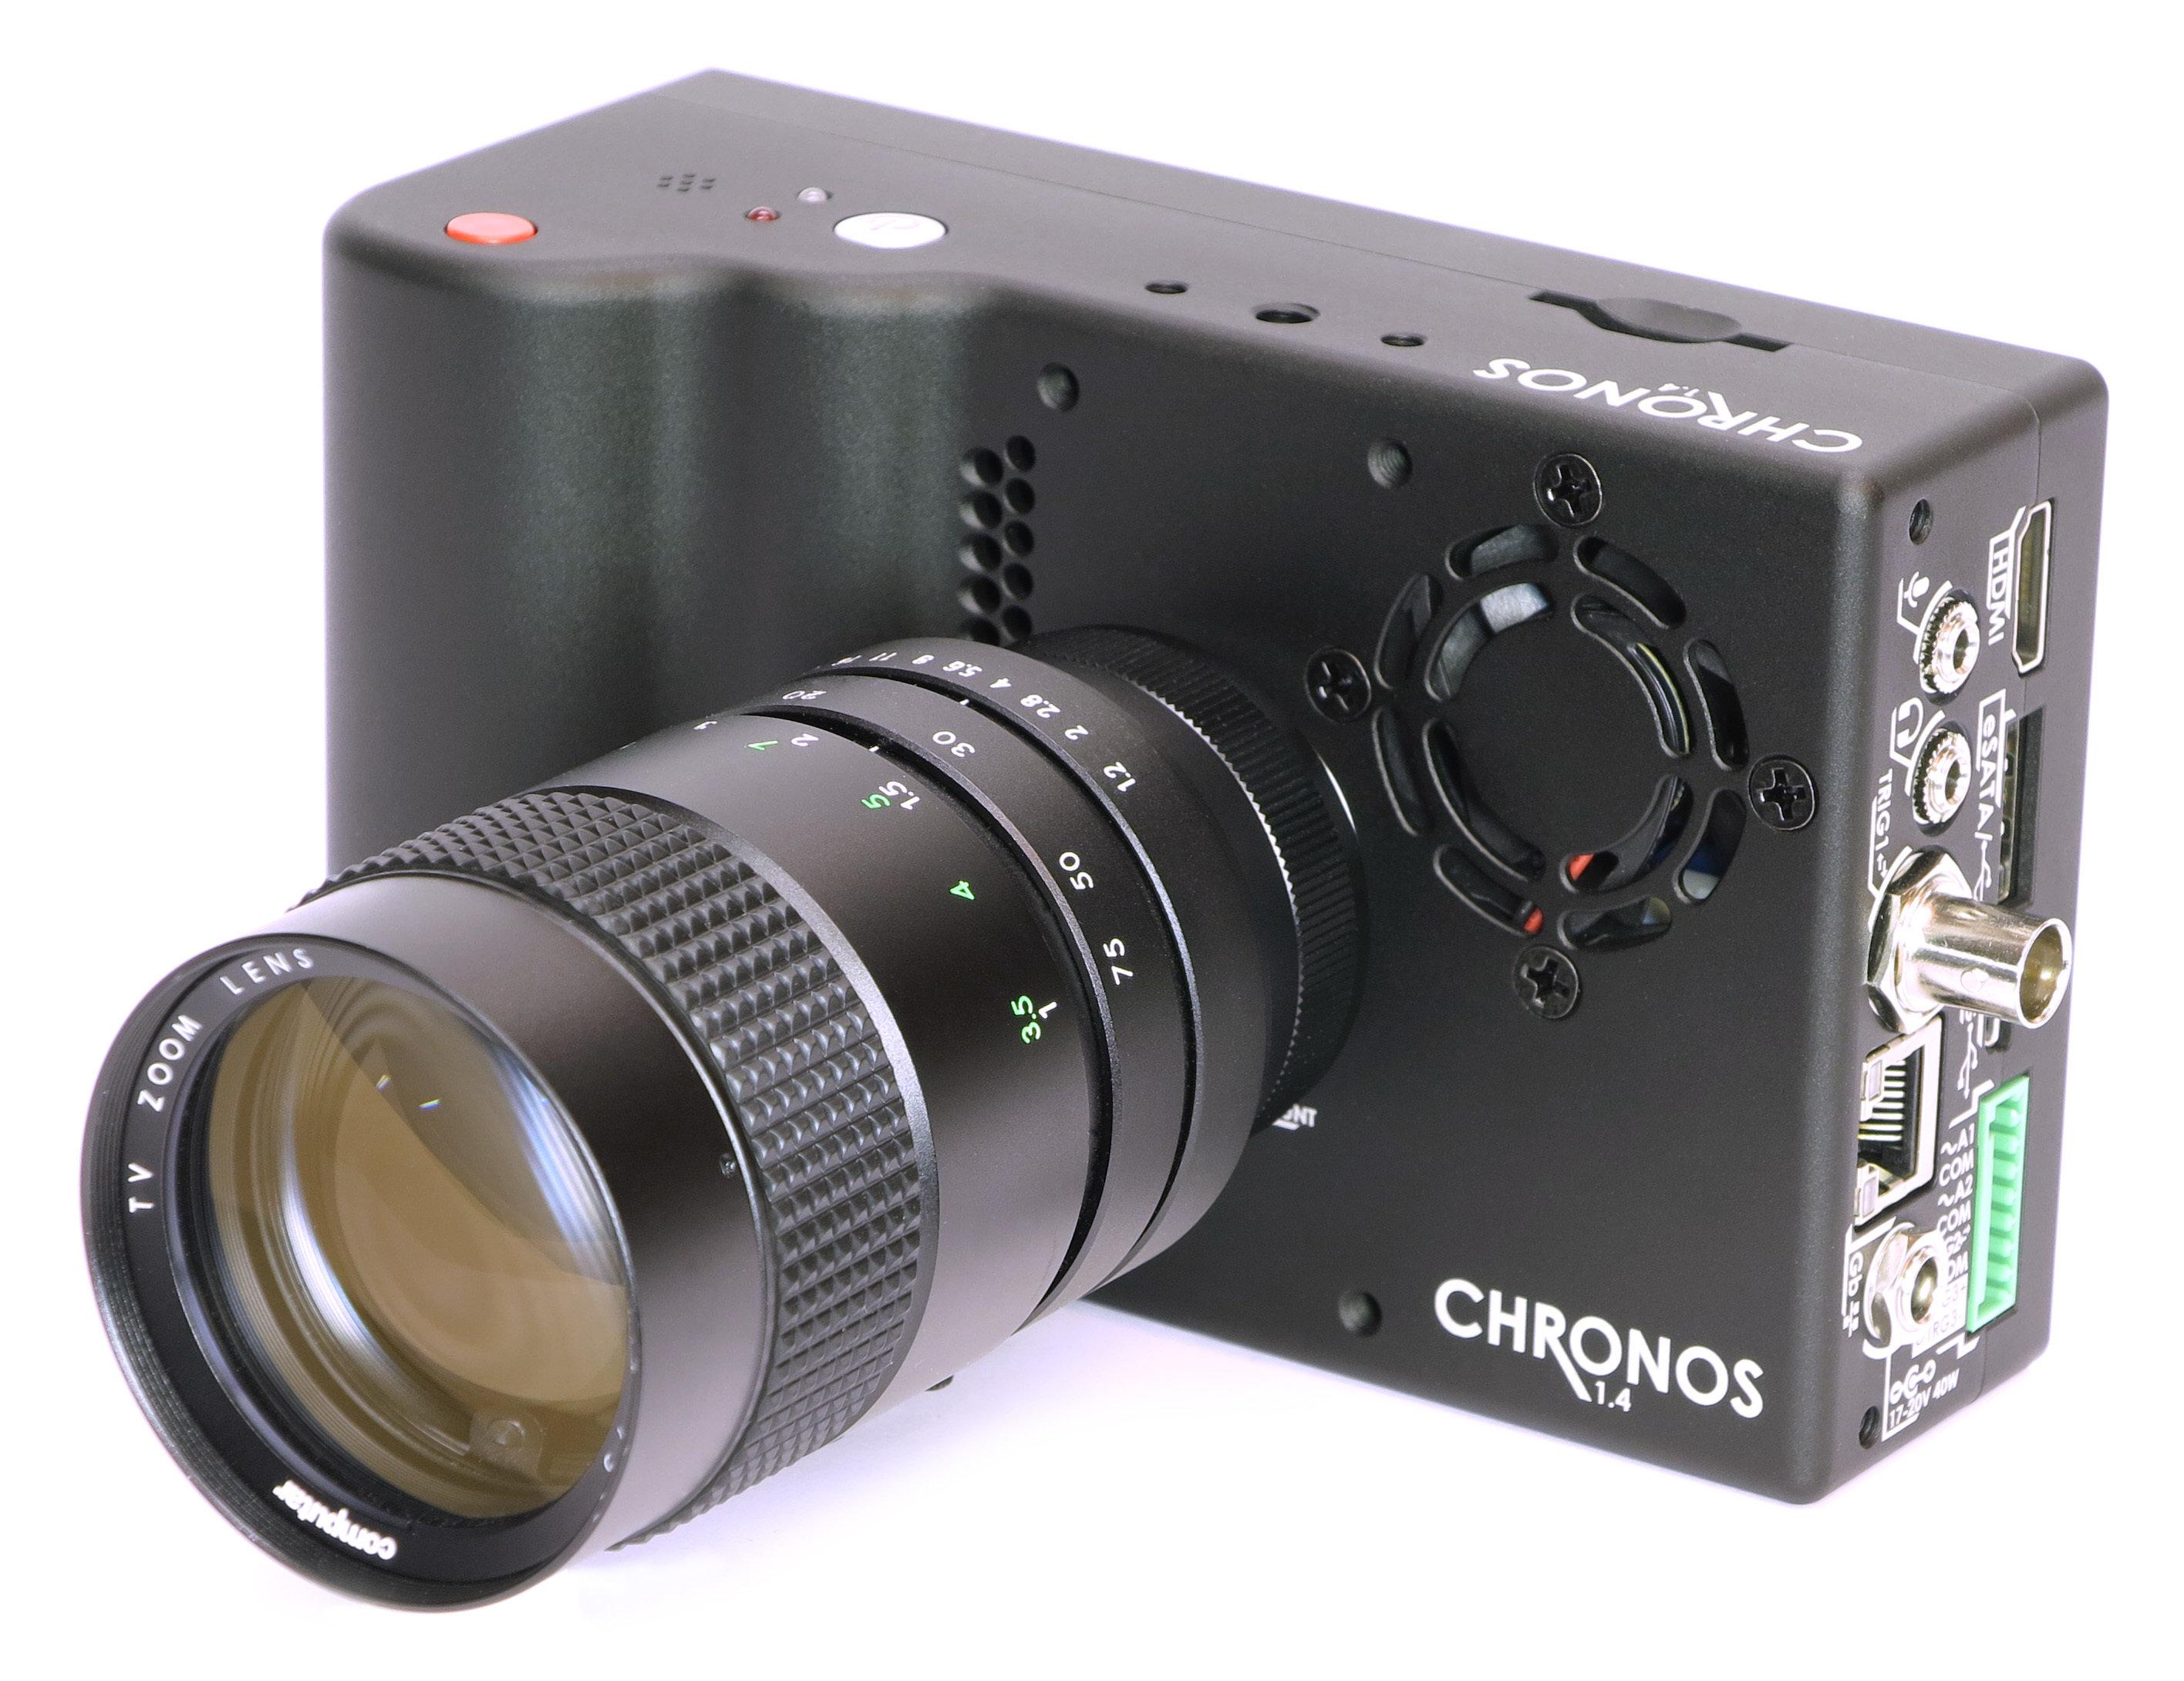 Chronos 1.4 high-speed camera